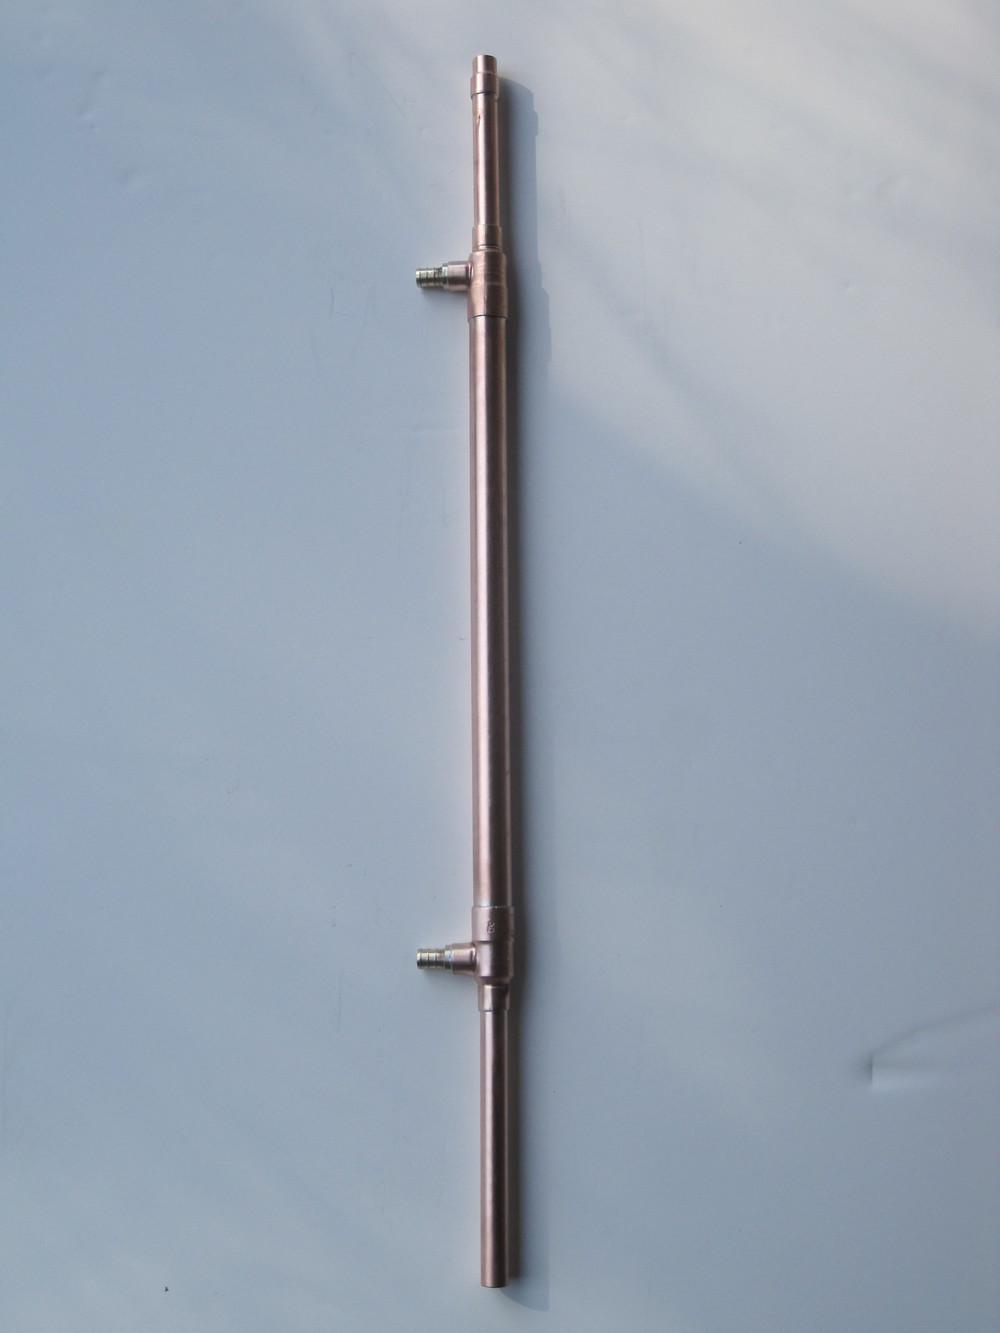 Liebig Condenser2.jpg